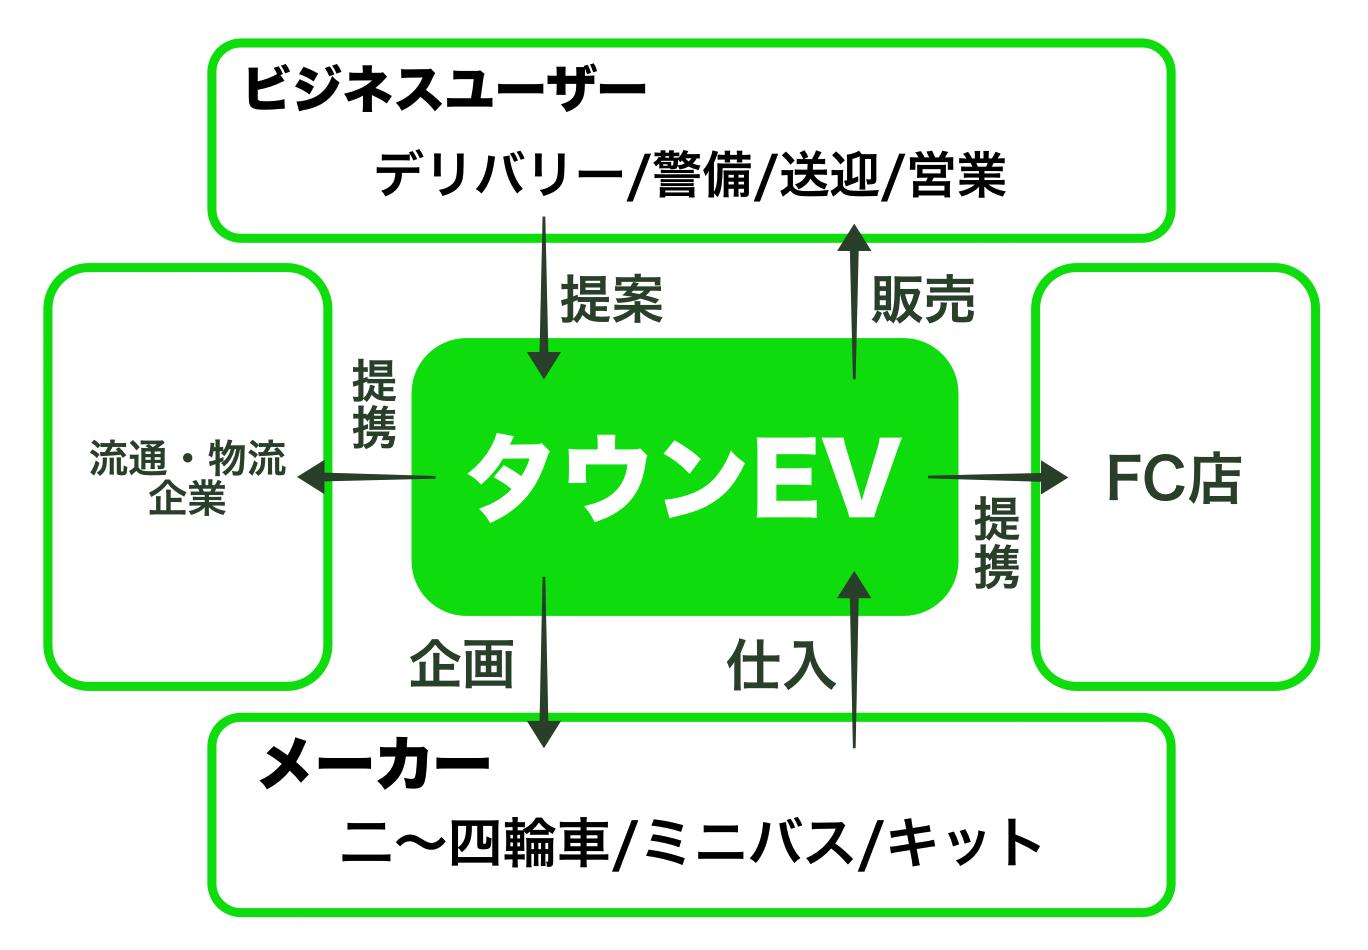 タウンEVのビジネスモデル